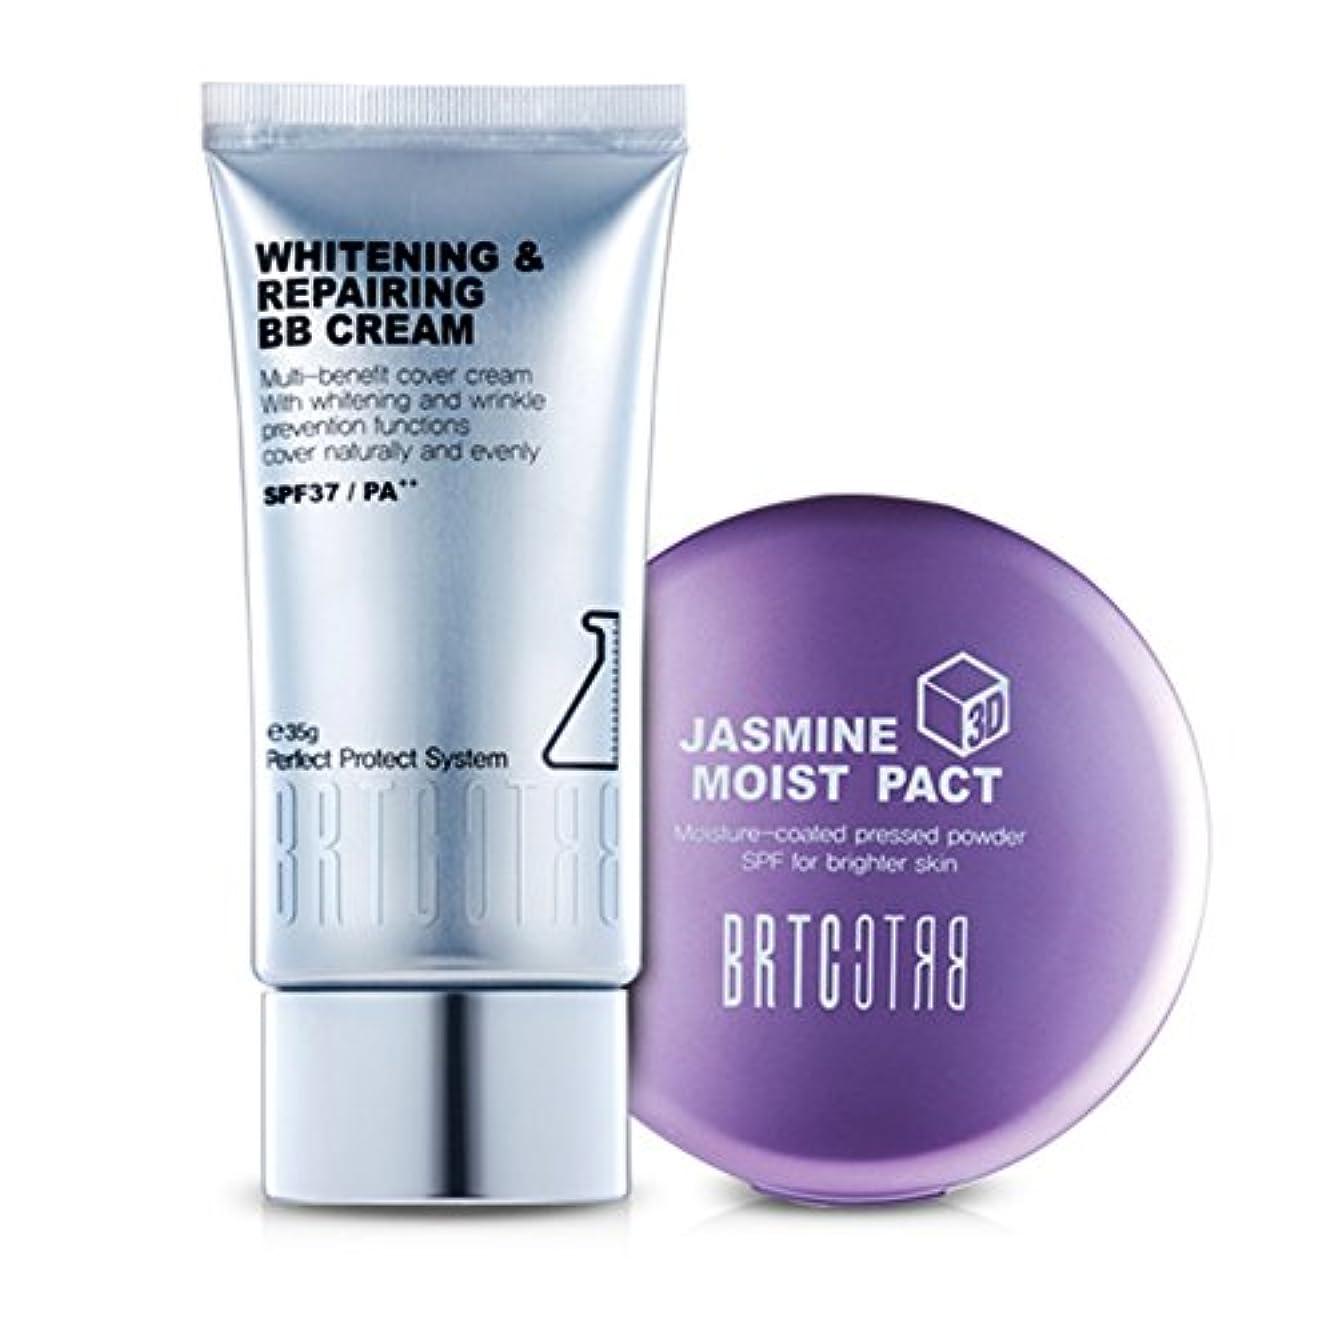 行く国歌ゴール【BRTC/非アルティ時】Whitening&Moisture Make Up Setホワイトニングビビ水分ファクト35g 13g[BB Cream+ Moist Pact Set](海外直送品)